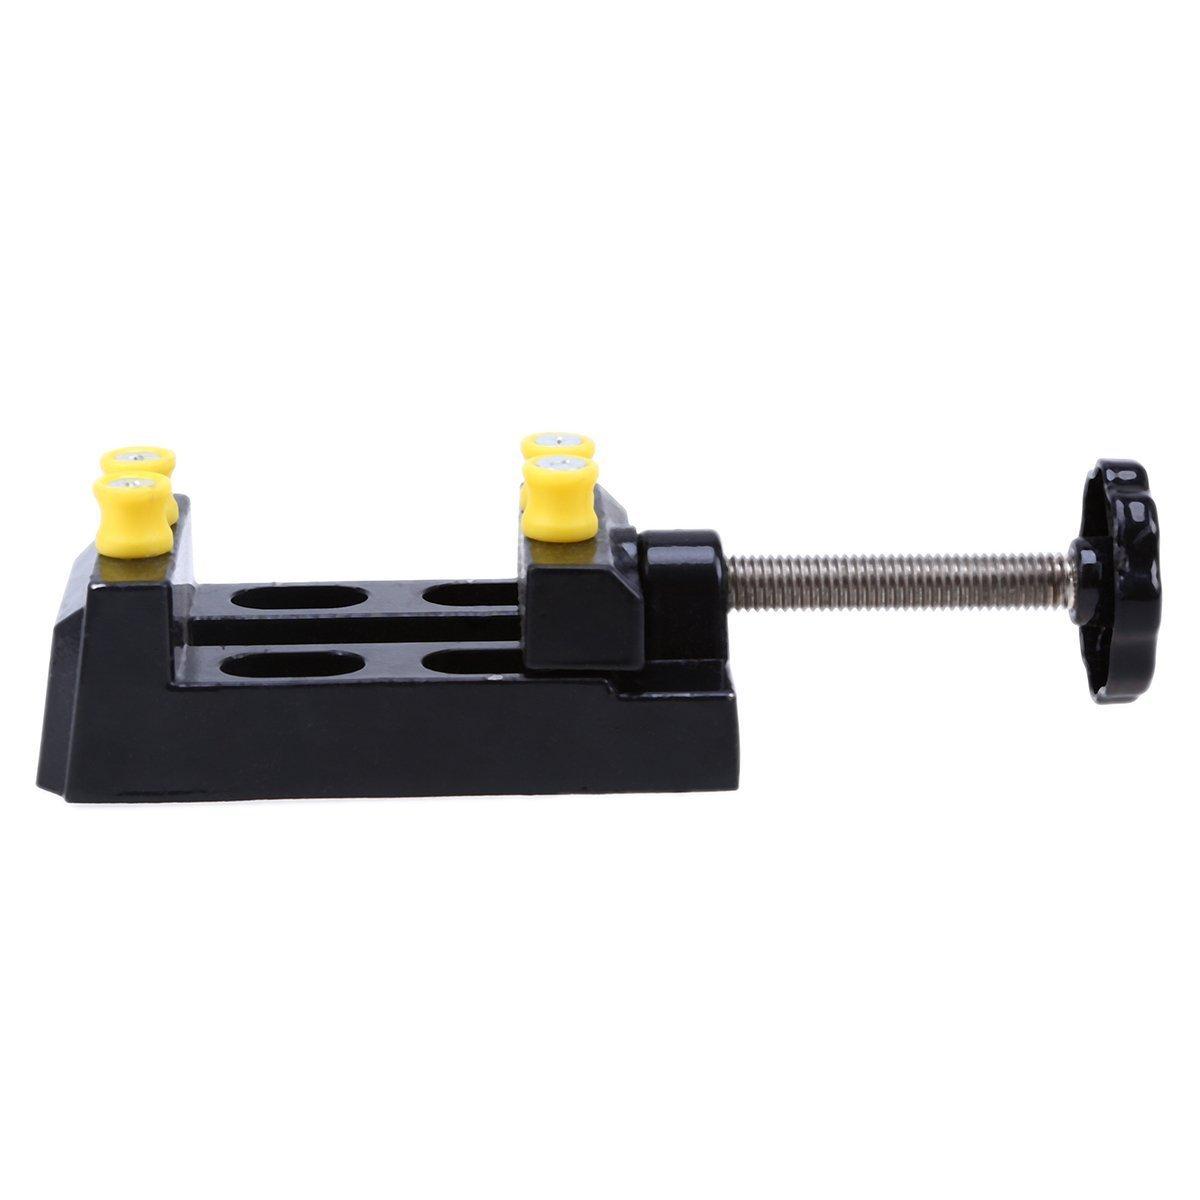 Goodchanceuk Mini pratique Table /à d/écouper Bench Micro Pince DIY travail Outil /à Main